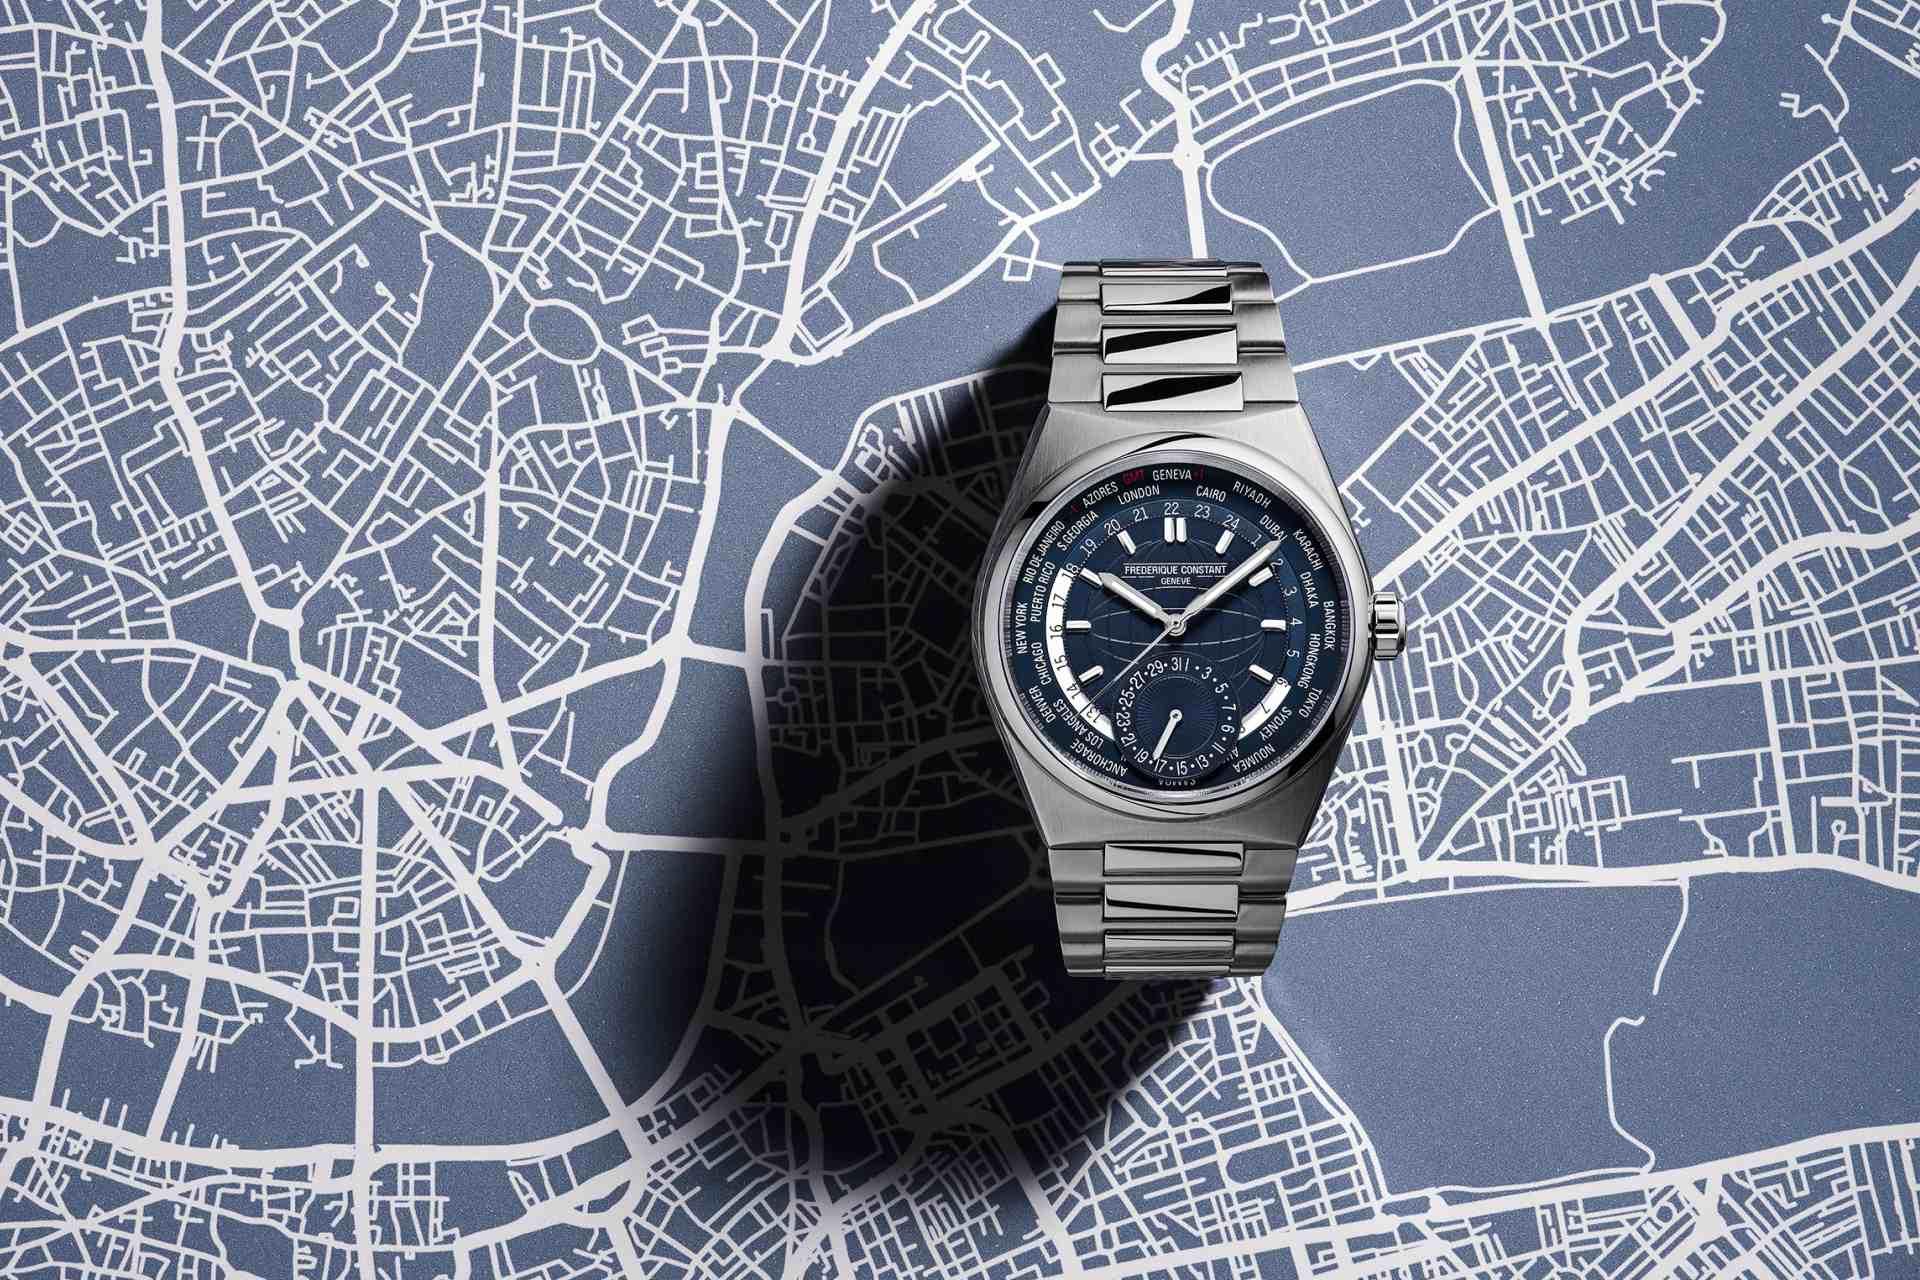 平易近人的奢華旅伴:Highlife Worldtimer Manufacture自製機芯世界時區腕錶